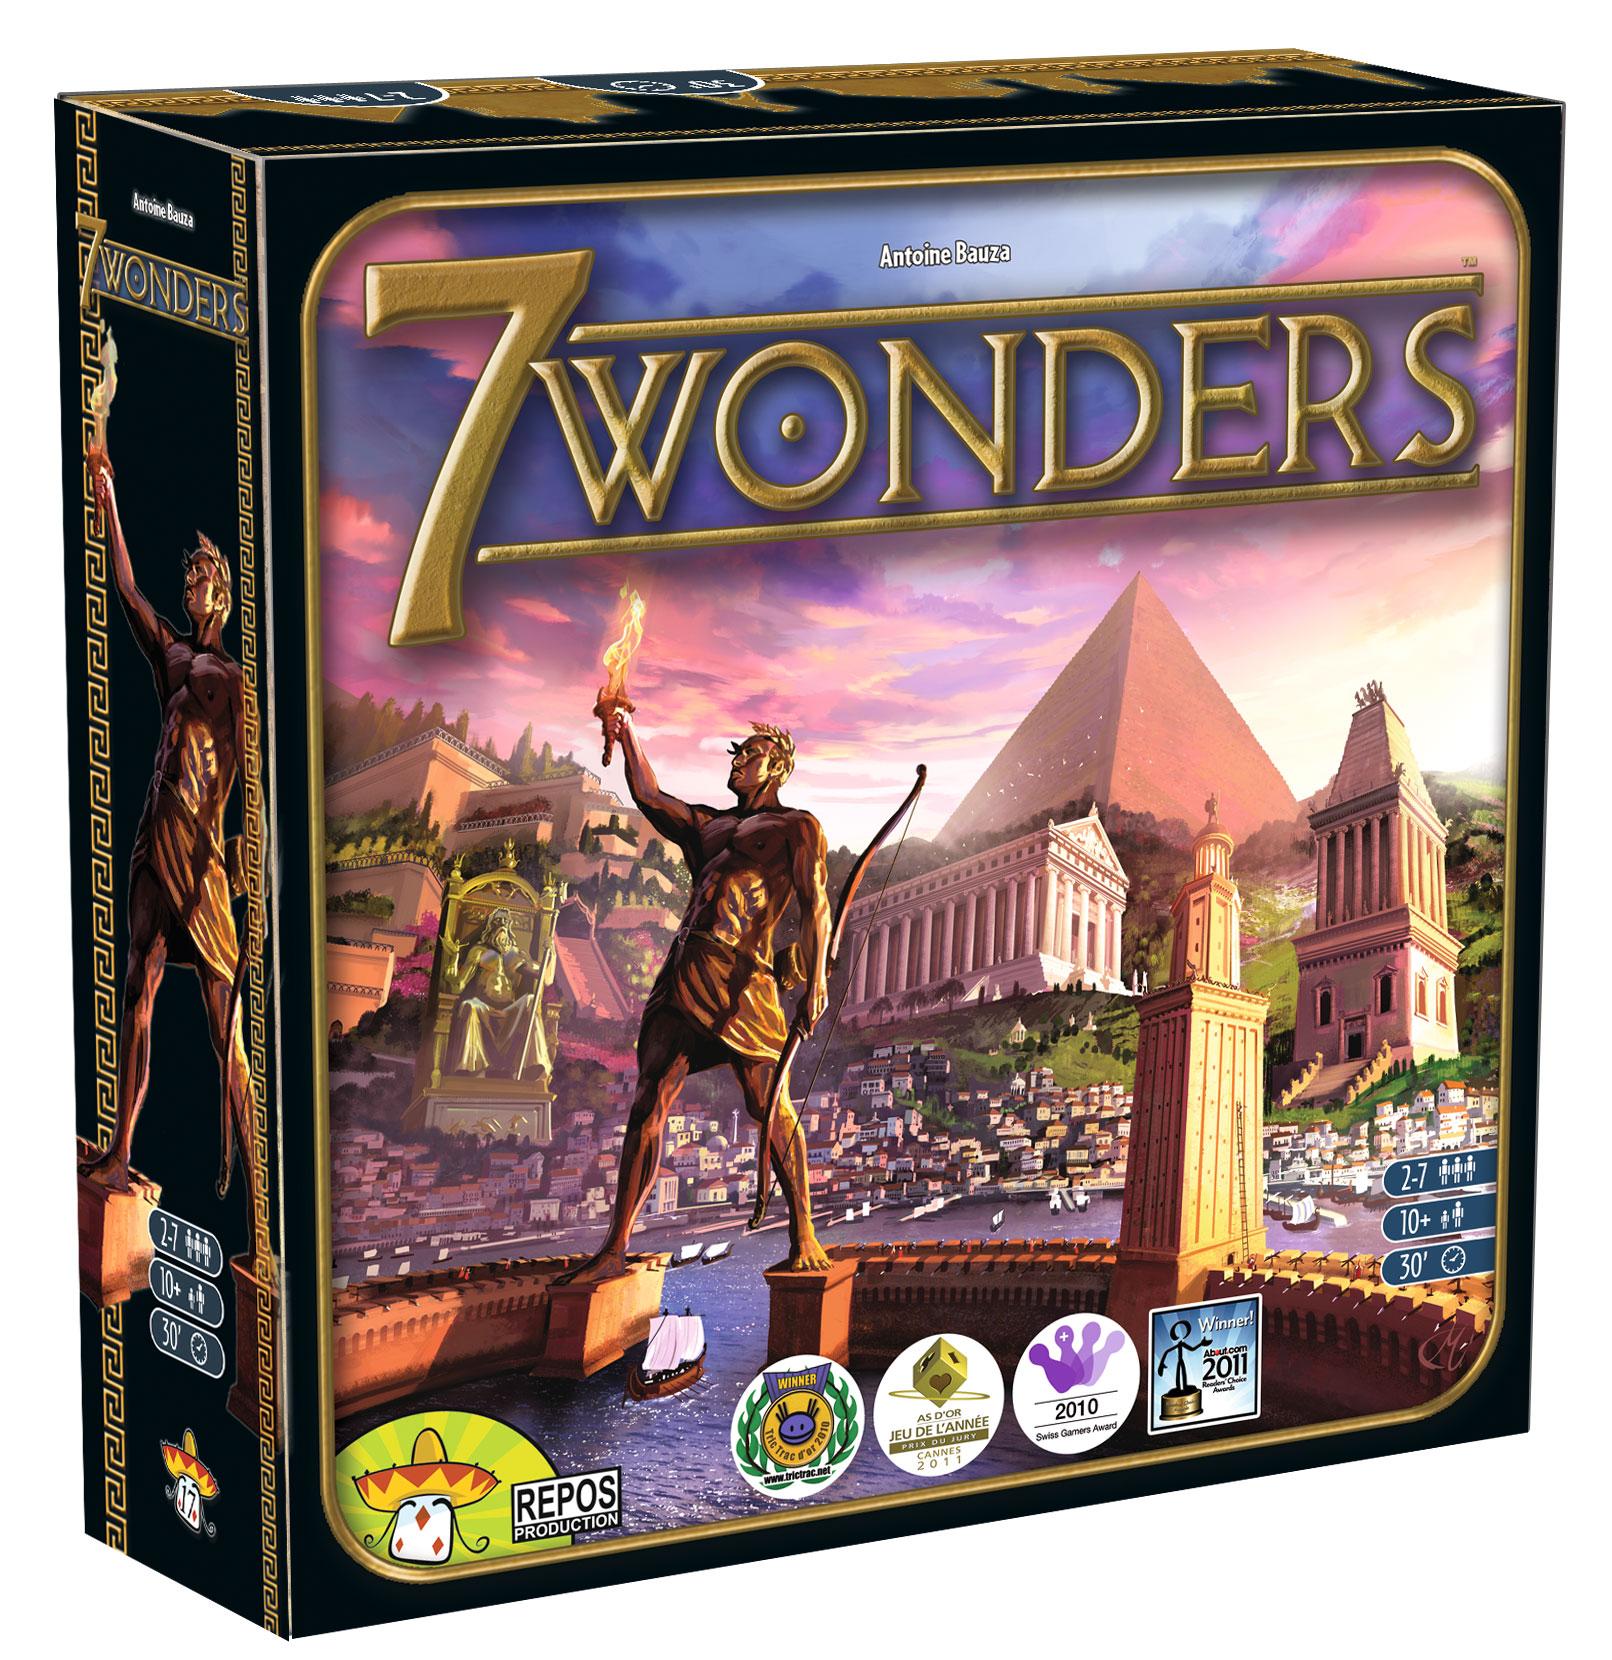 7wonder_box